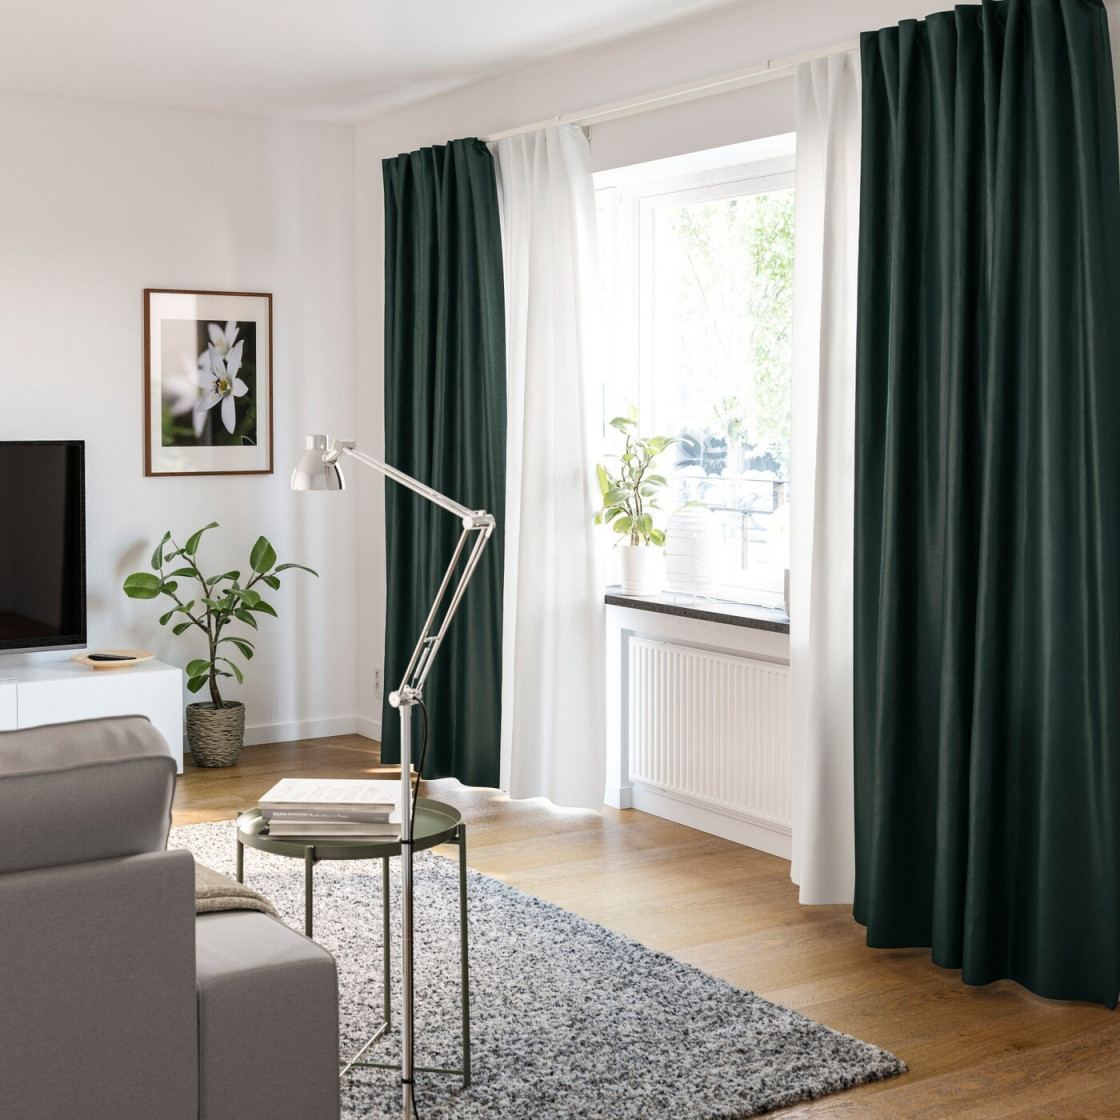 Gardinenideen Inspirationen Für Dein Zuhause  Ikea von Ideen Für Gardinen Im Wohnzimmer Bild